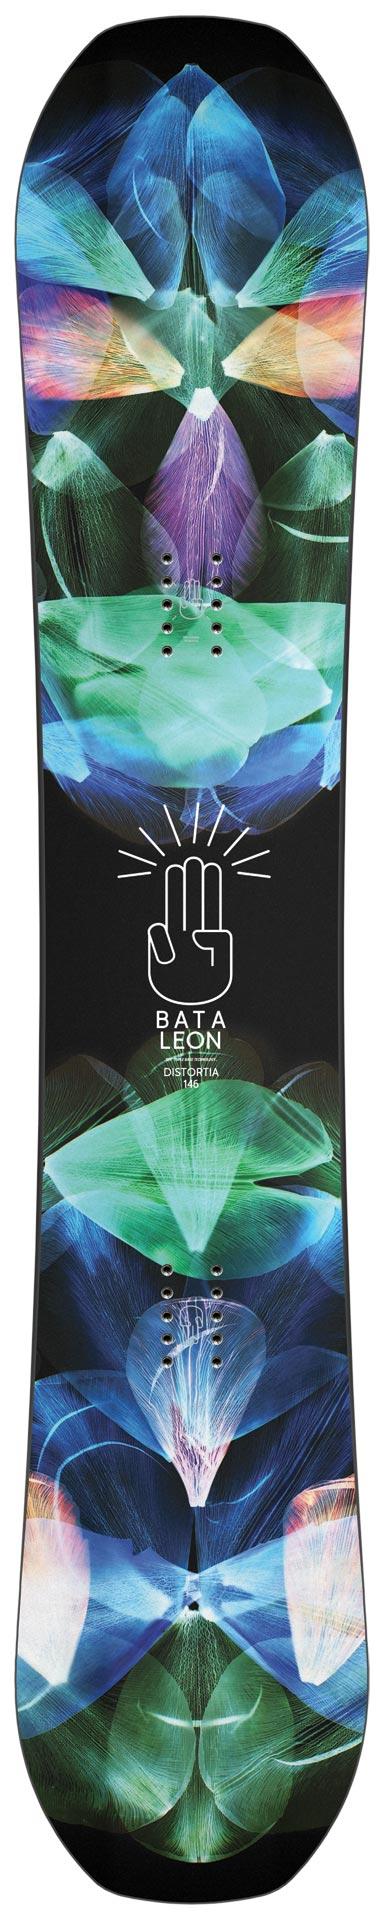 Bataleon: Distortia